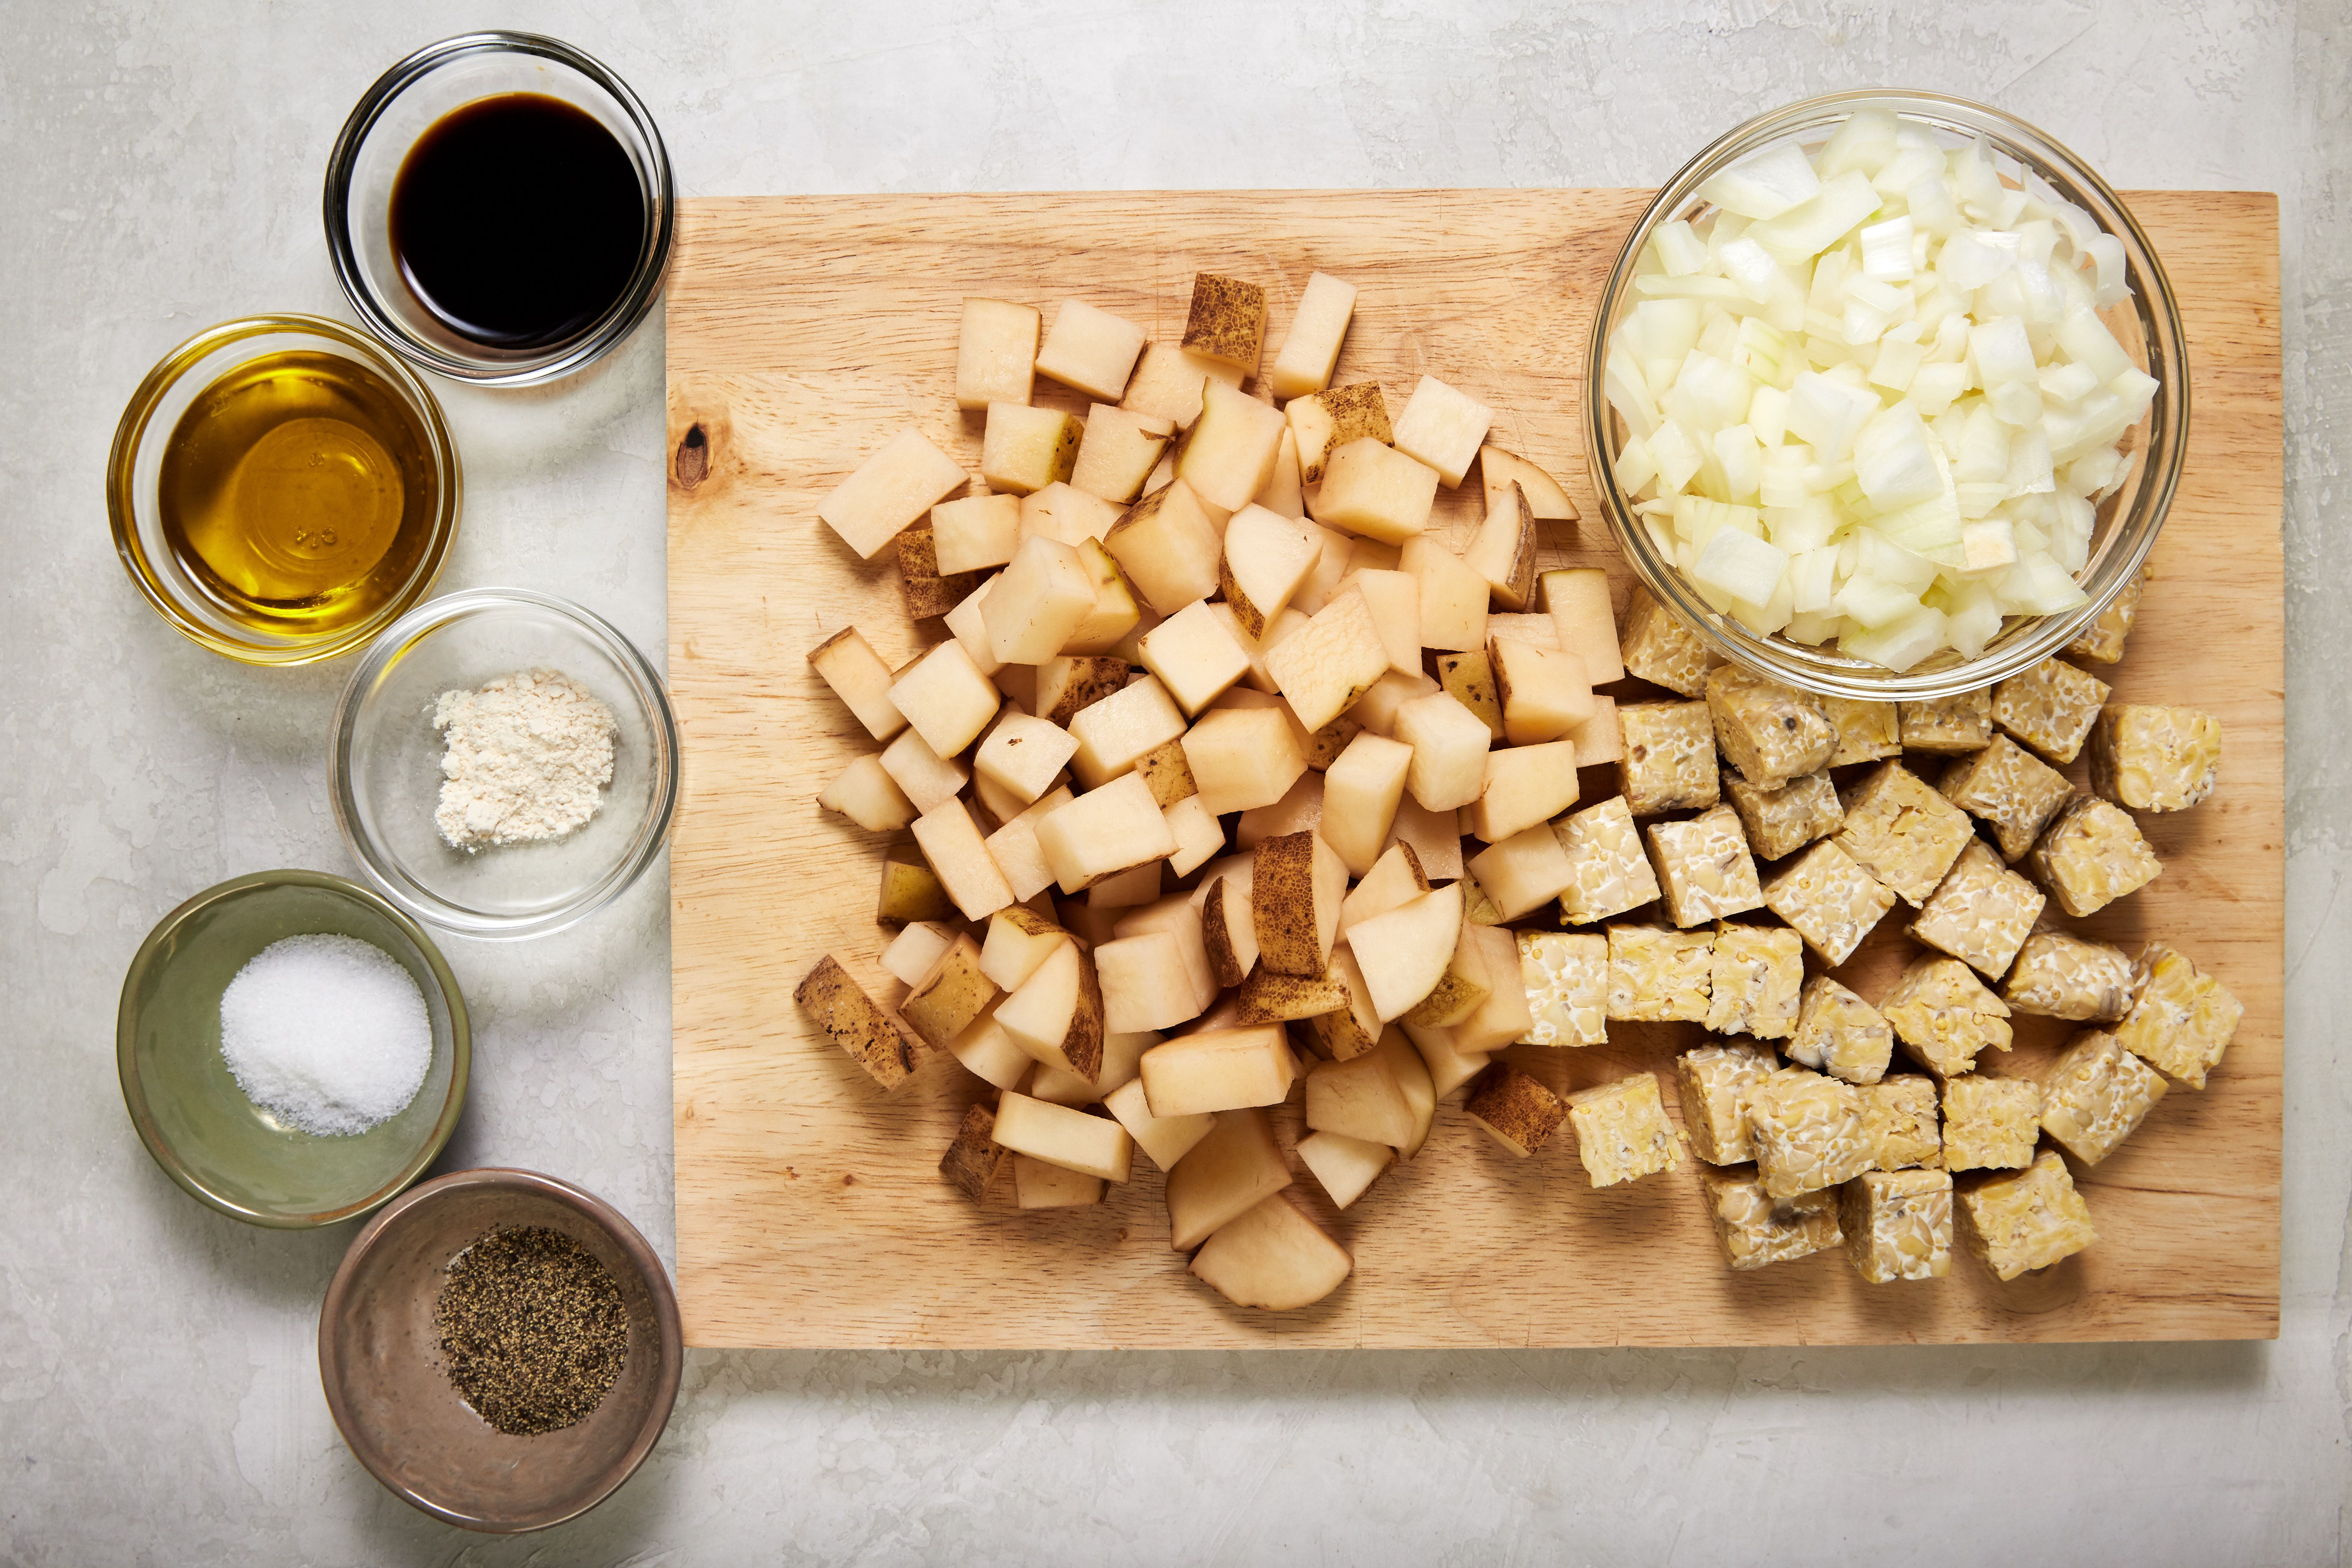 Ingredients for breakfast tempeh